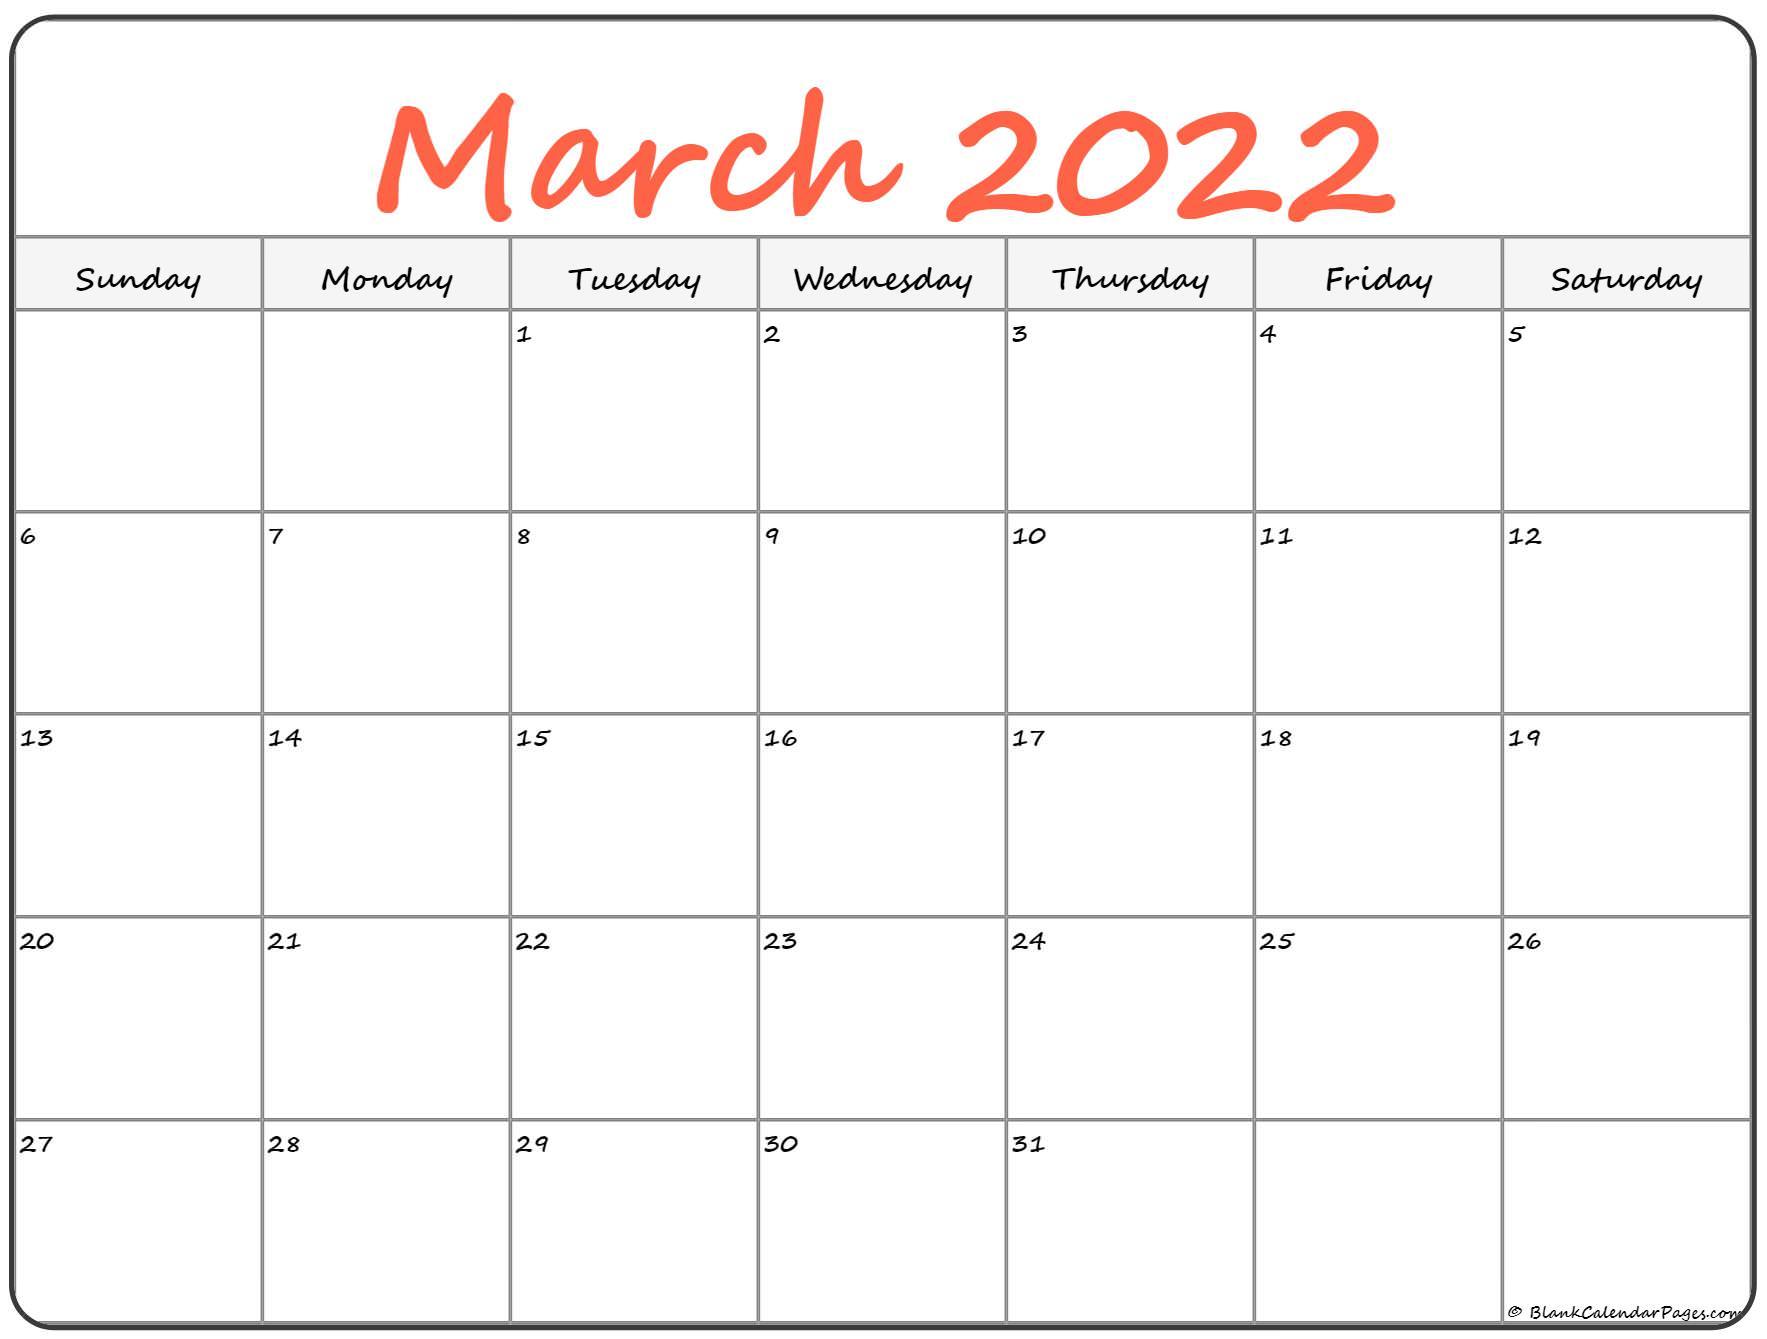 March 2022 Calendar | Free Printable Calendar Templates Throughout Calendar Of March 2022